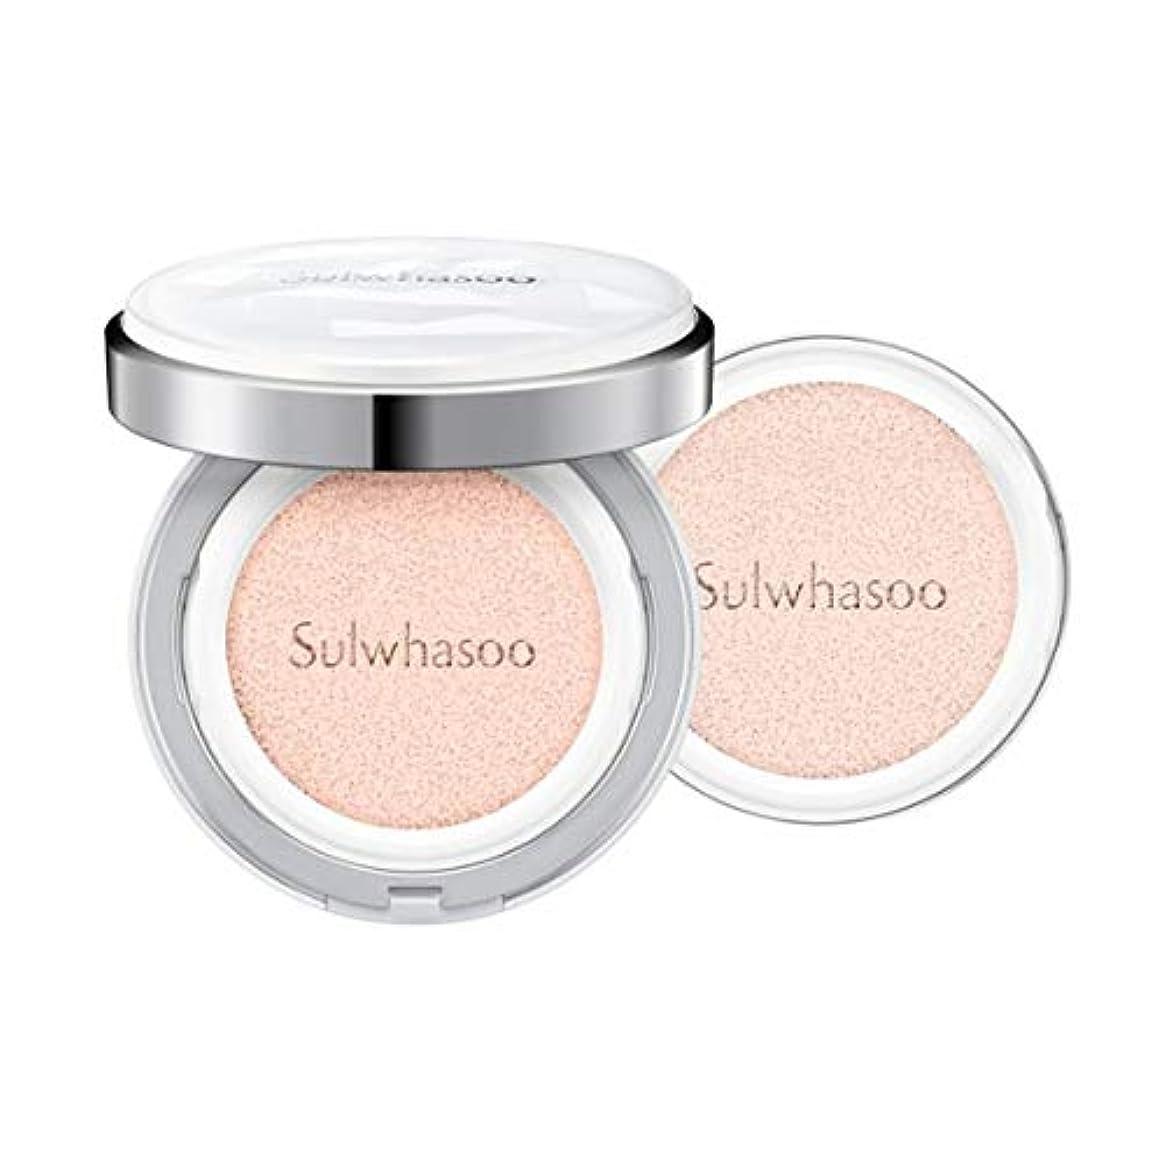 菊リングレット贈り物[Sulwhasoo]雪花秀(ソルファス)滋晶(ジャジョン)ブライトニングクッション #21ナチュラルピンク SPF50+/PA+++ Snowise Brightening Cushion 21 Natural Pink